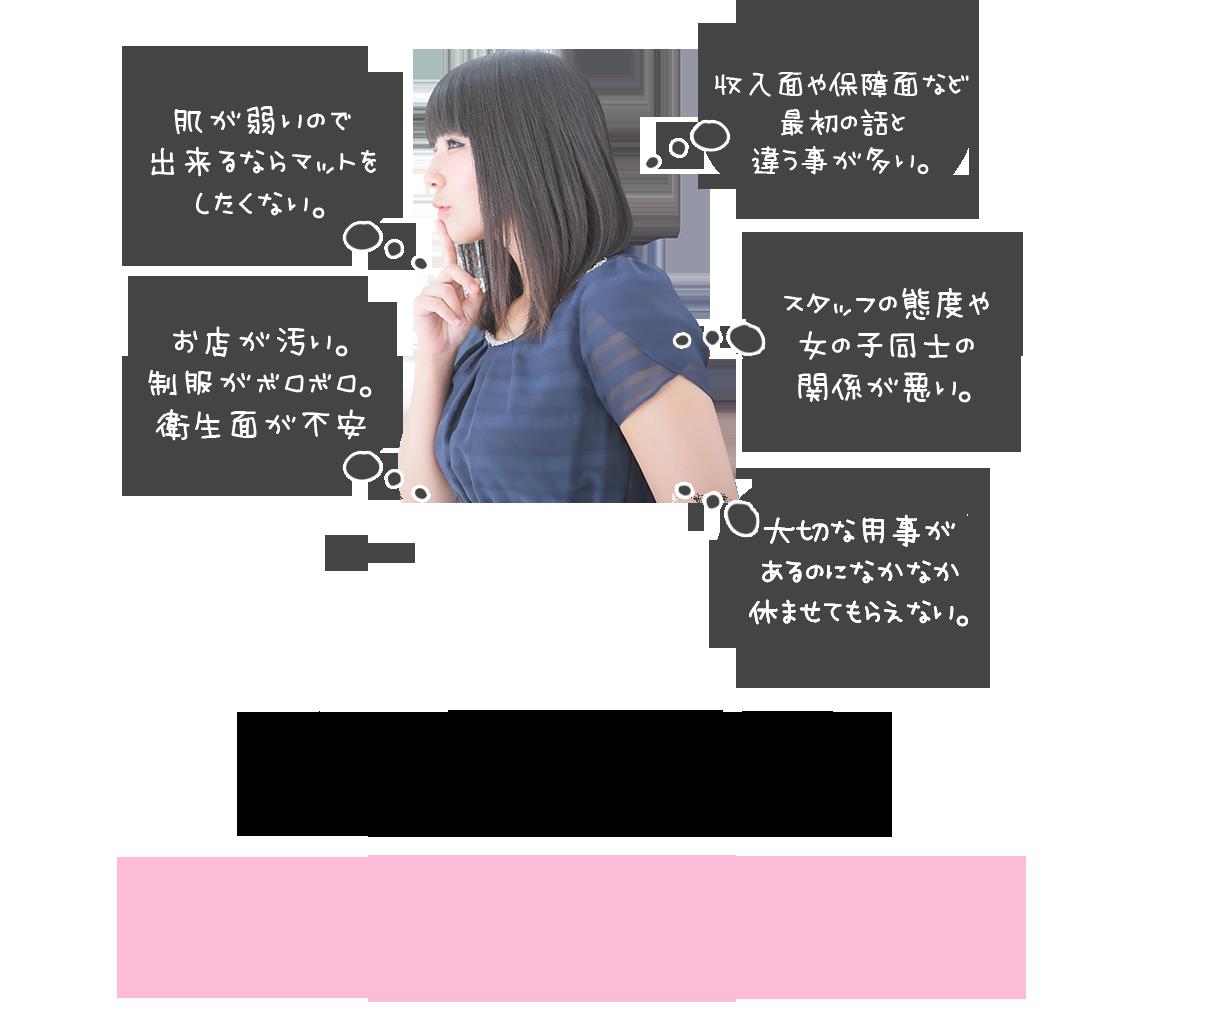 千葉・栄町のソープランド【アラカルト】求人!!当店は女の子が働き易い環境を 重視しています。